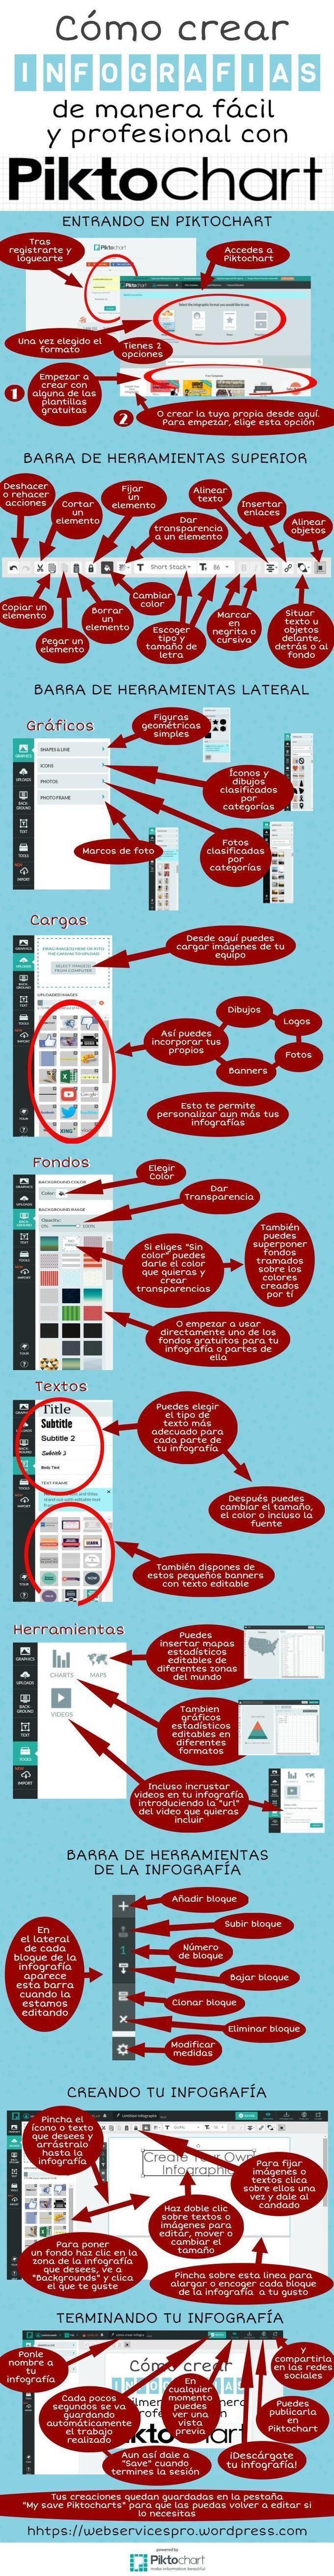 Cómo crear infografías con Piktochart http://sco.lt/...